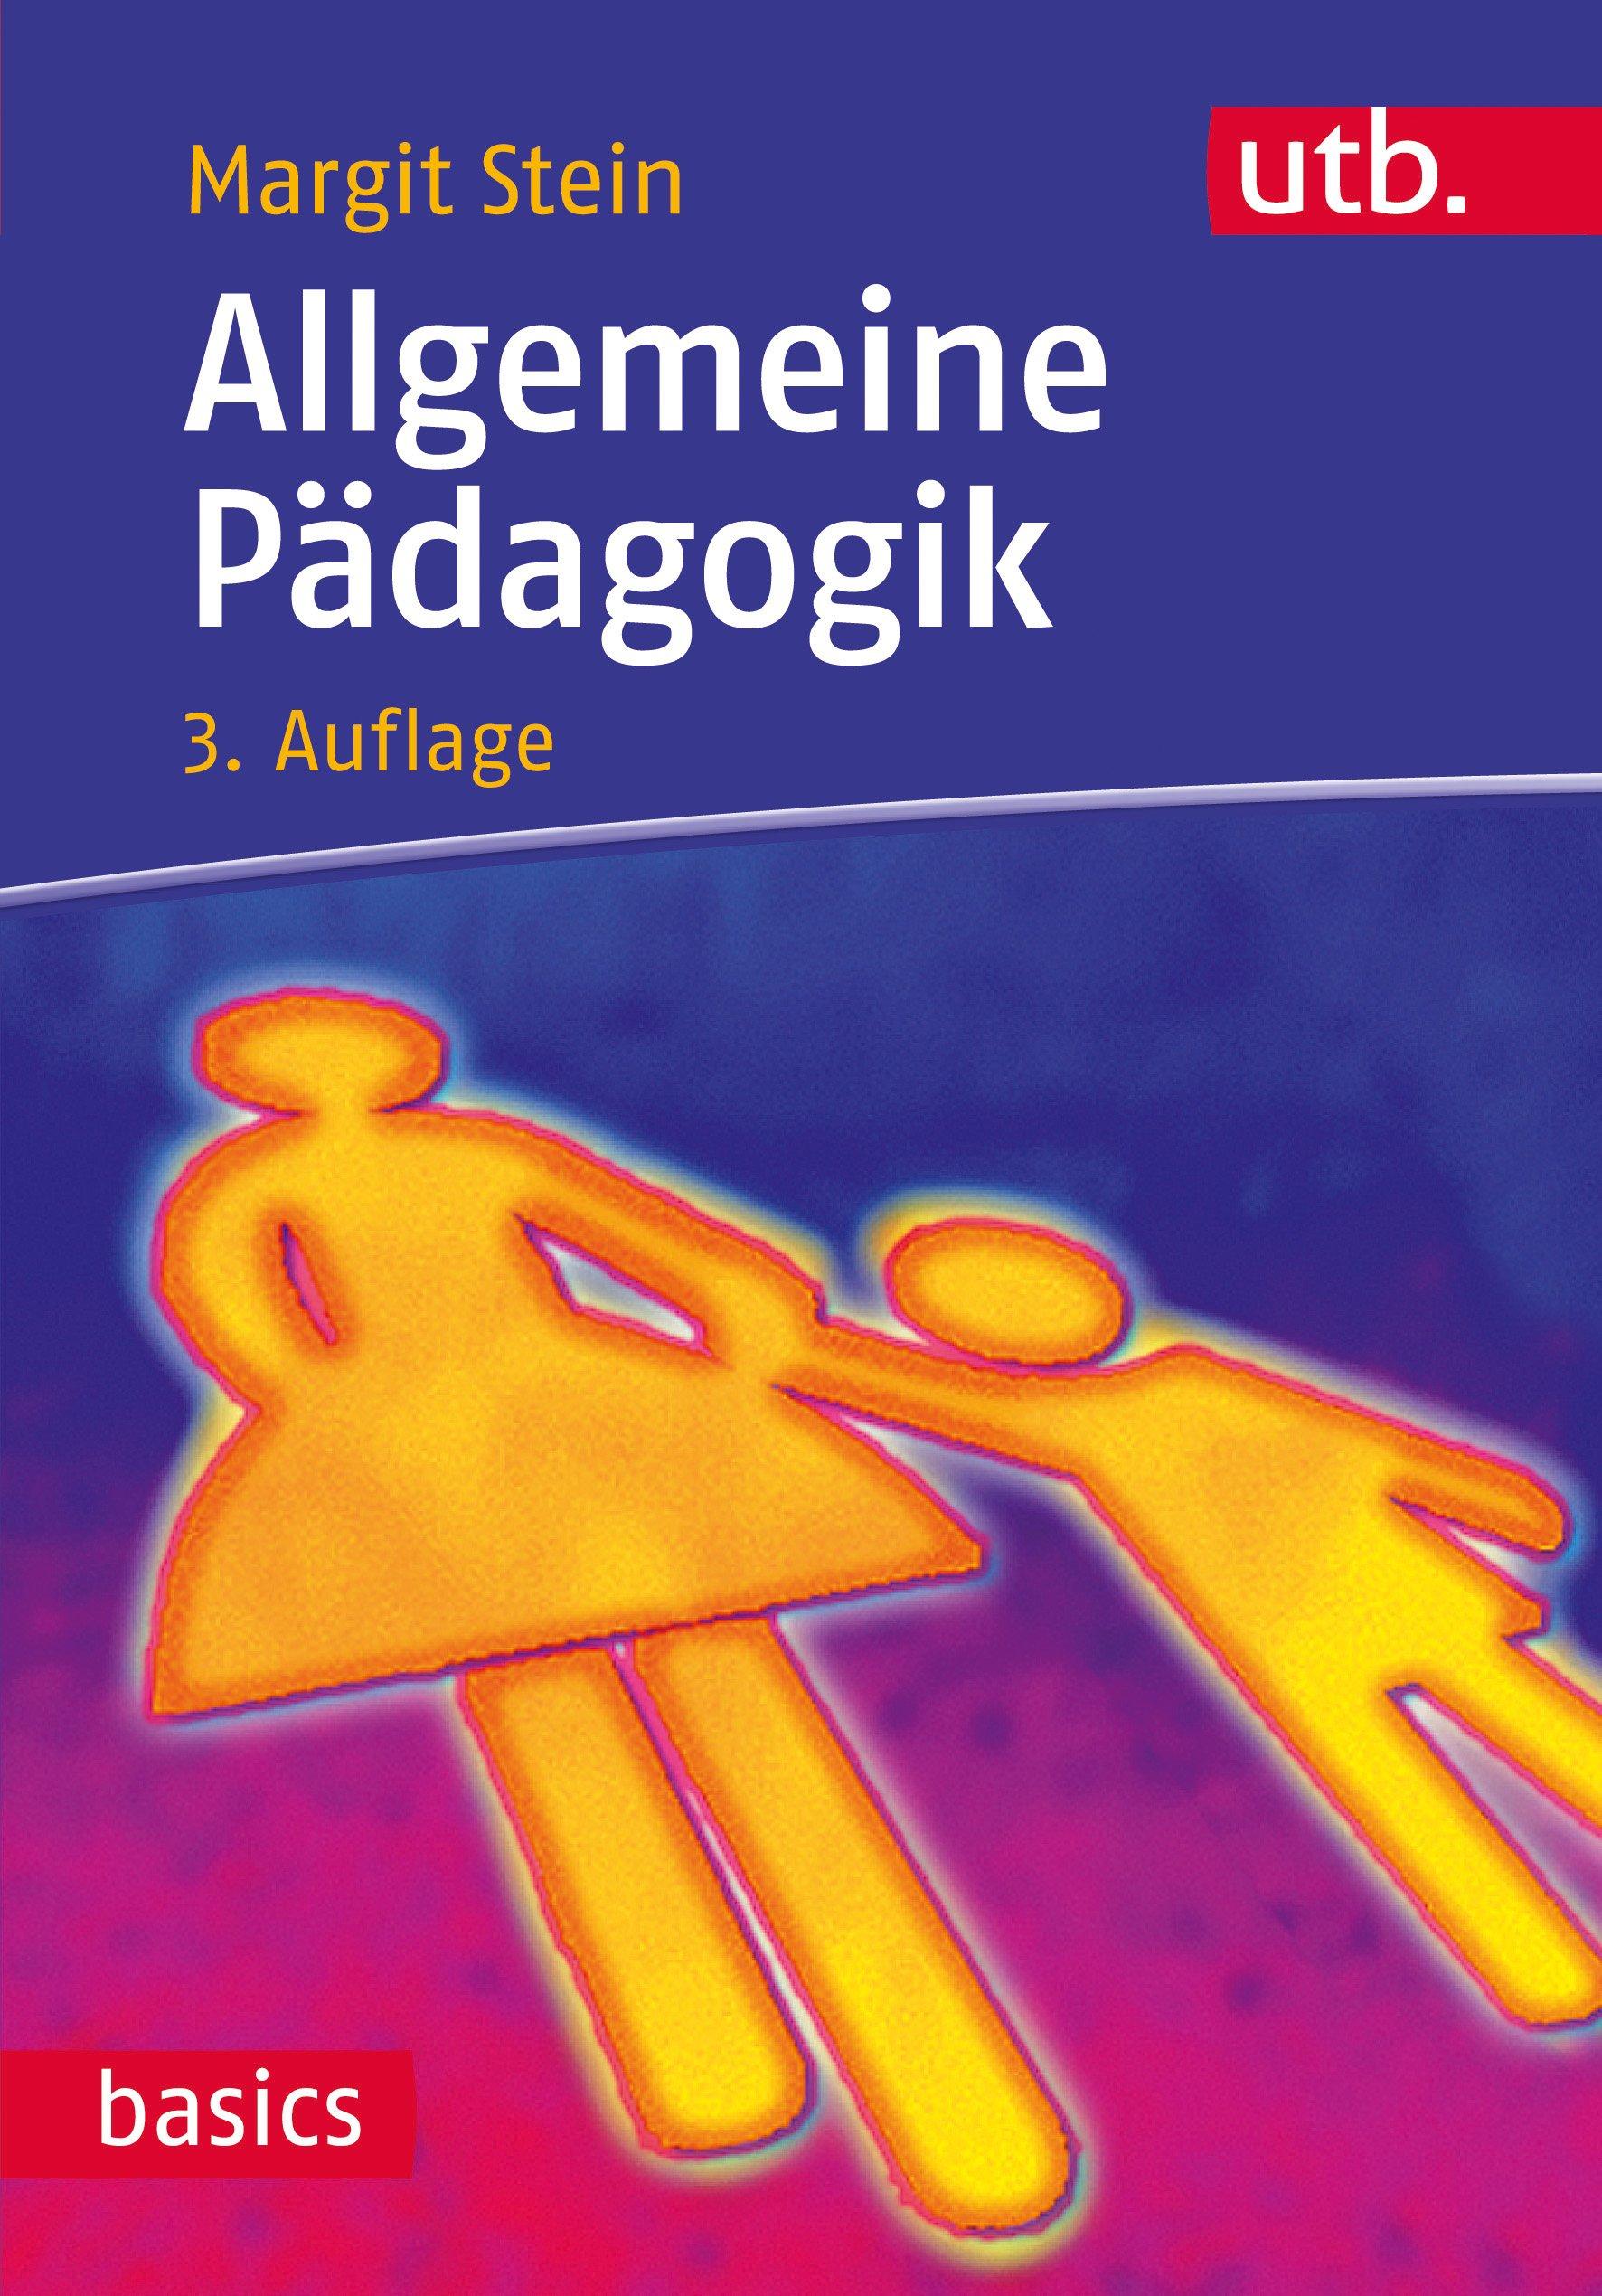 Allgemeine Pädagogik (utb basics, Band 3215)